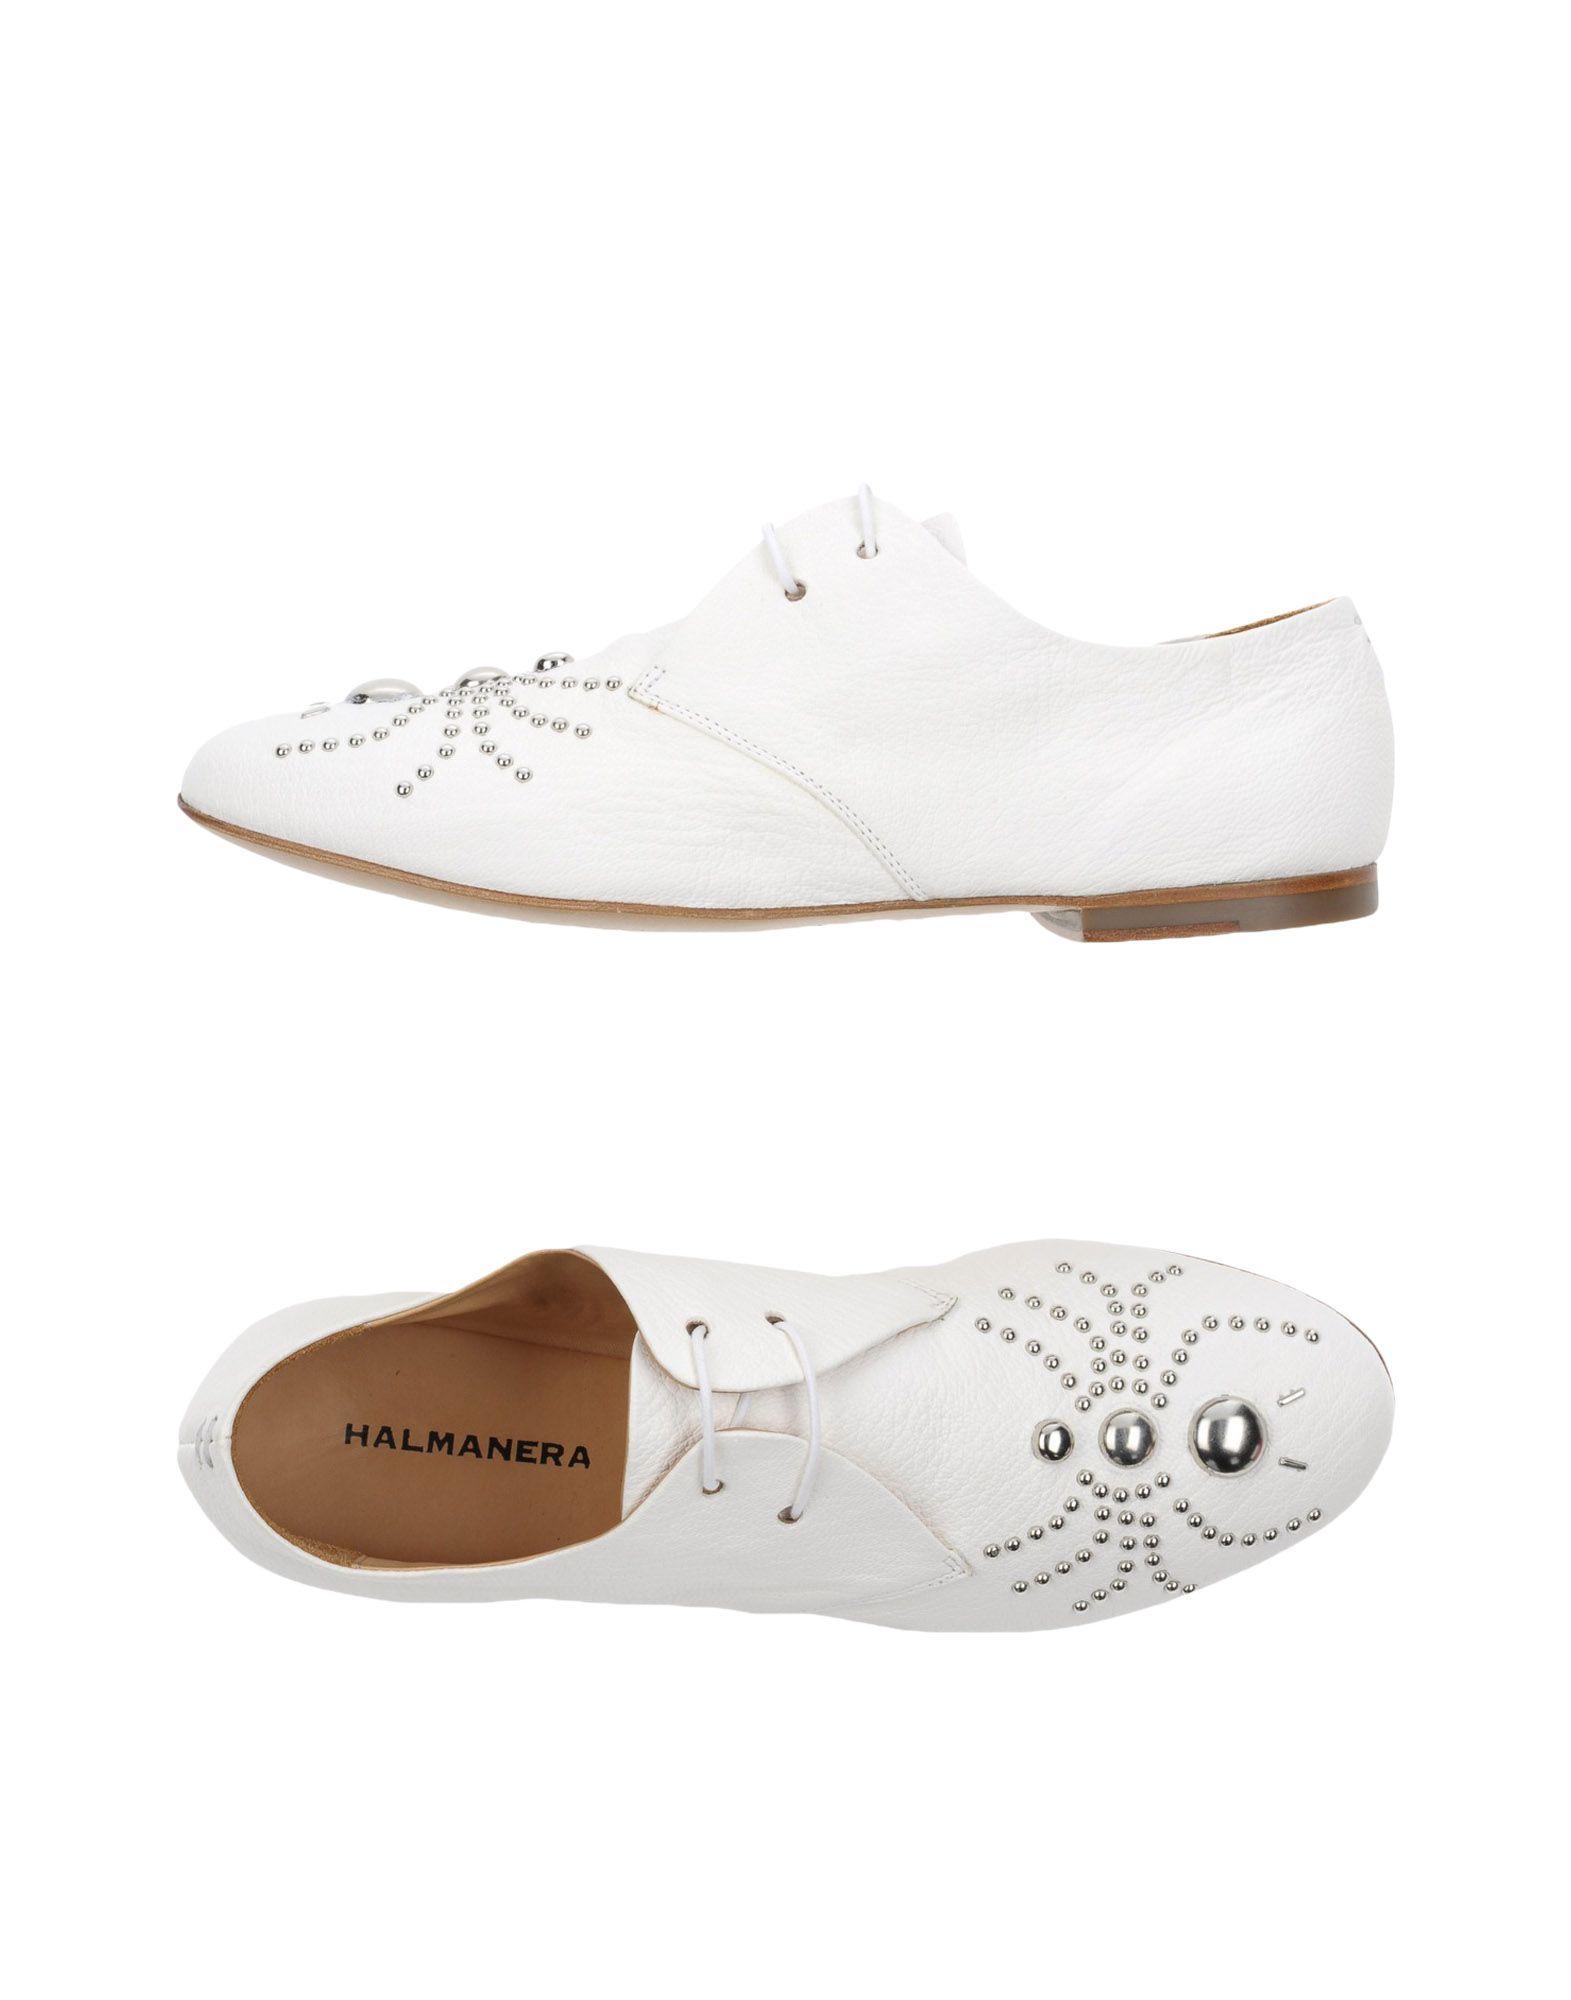 Halmanera Schnürschuhe Damen  11360891KM Gute Qualität beliebte Schuhe